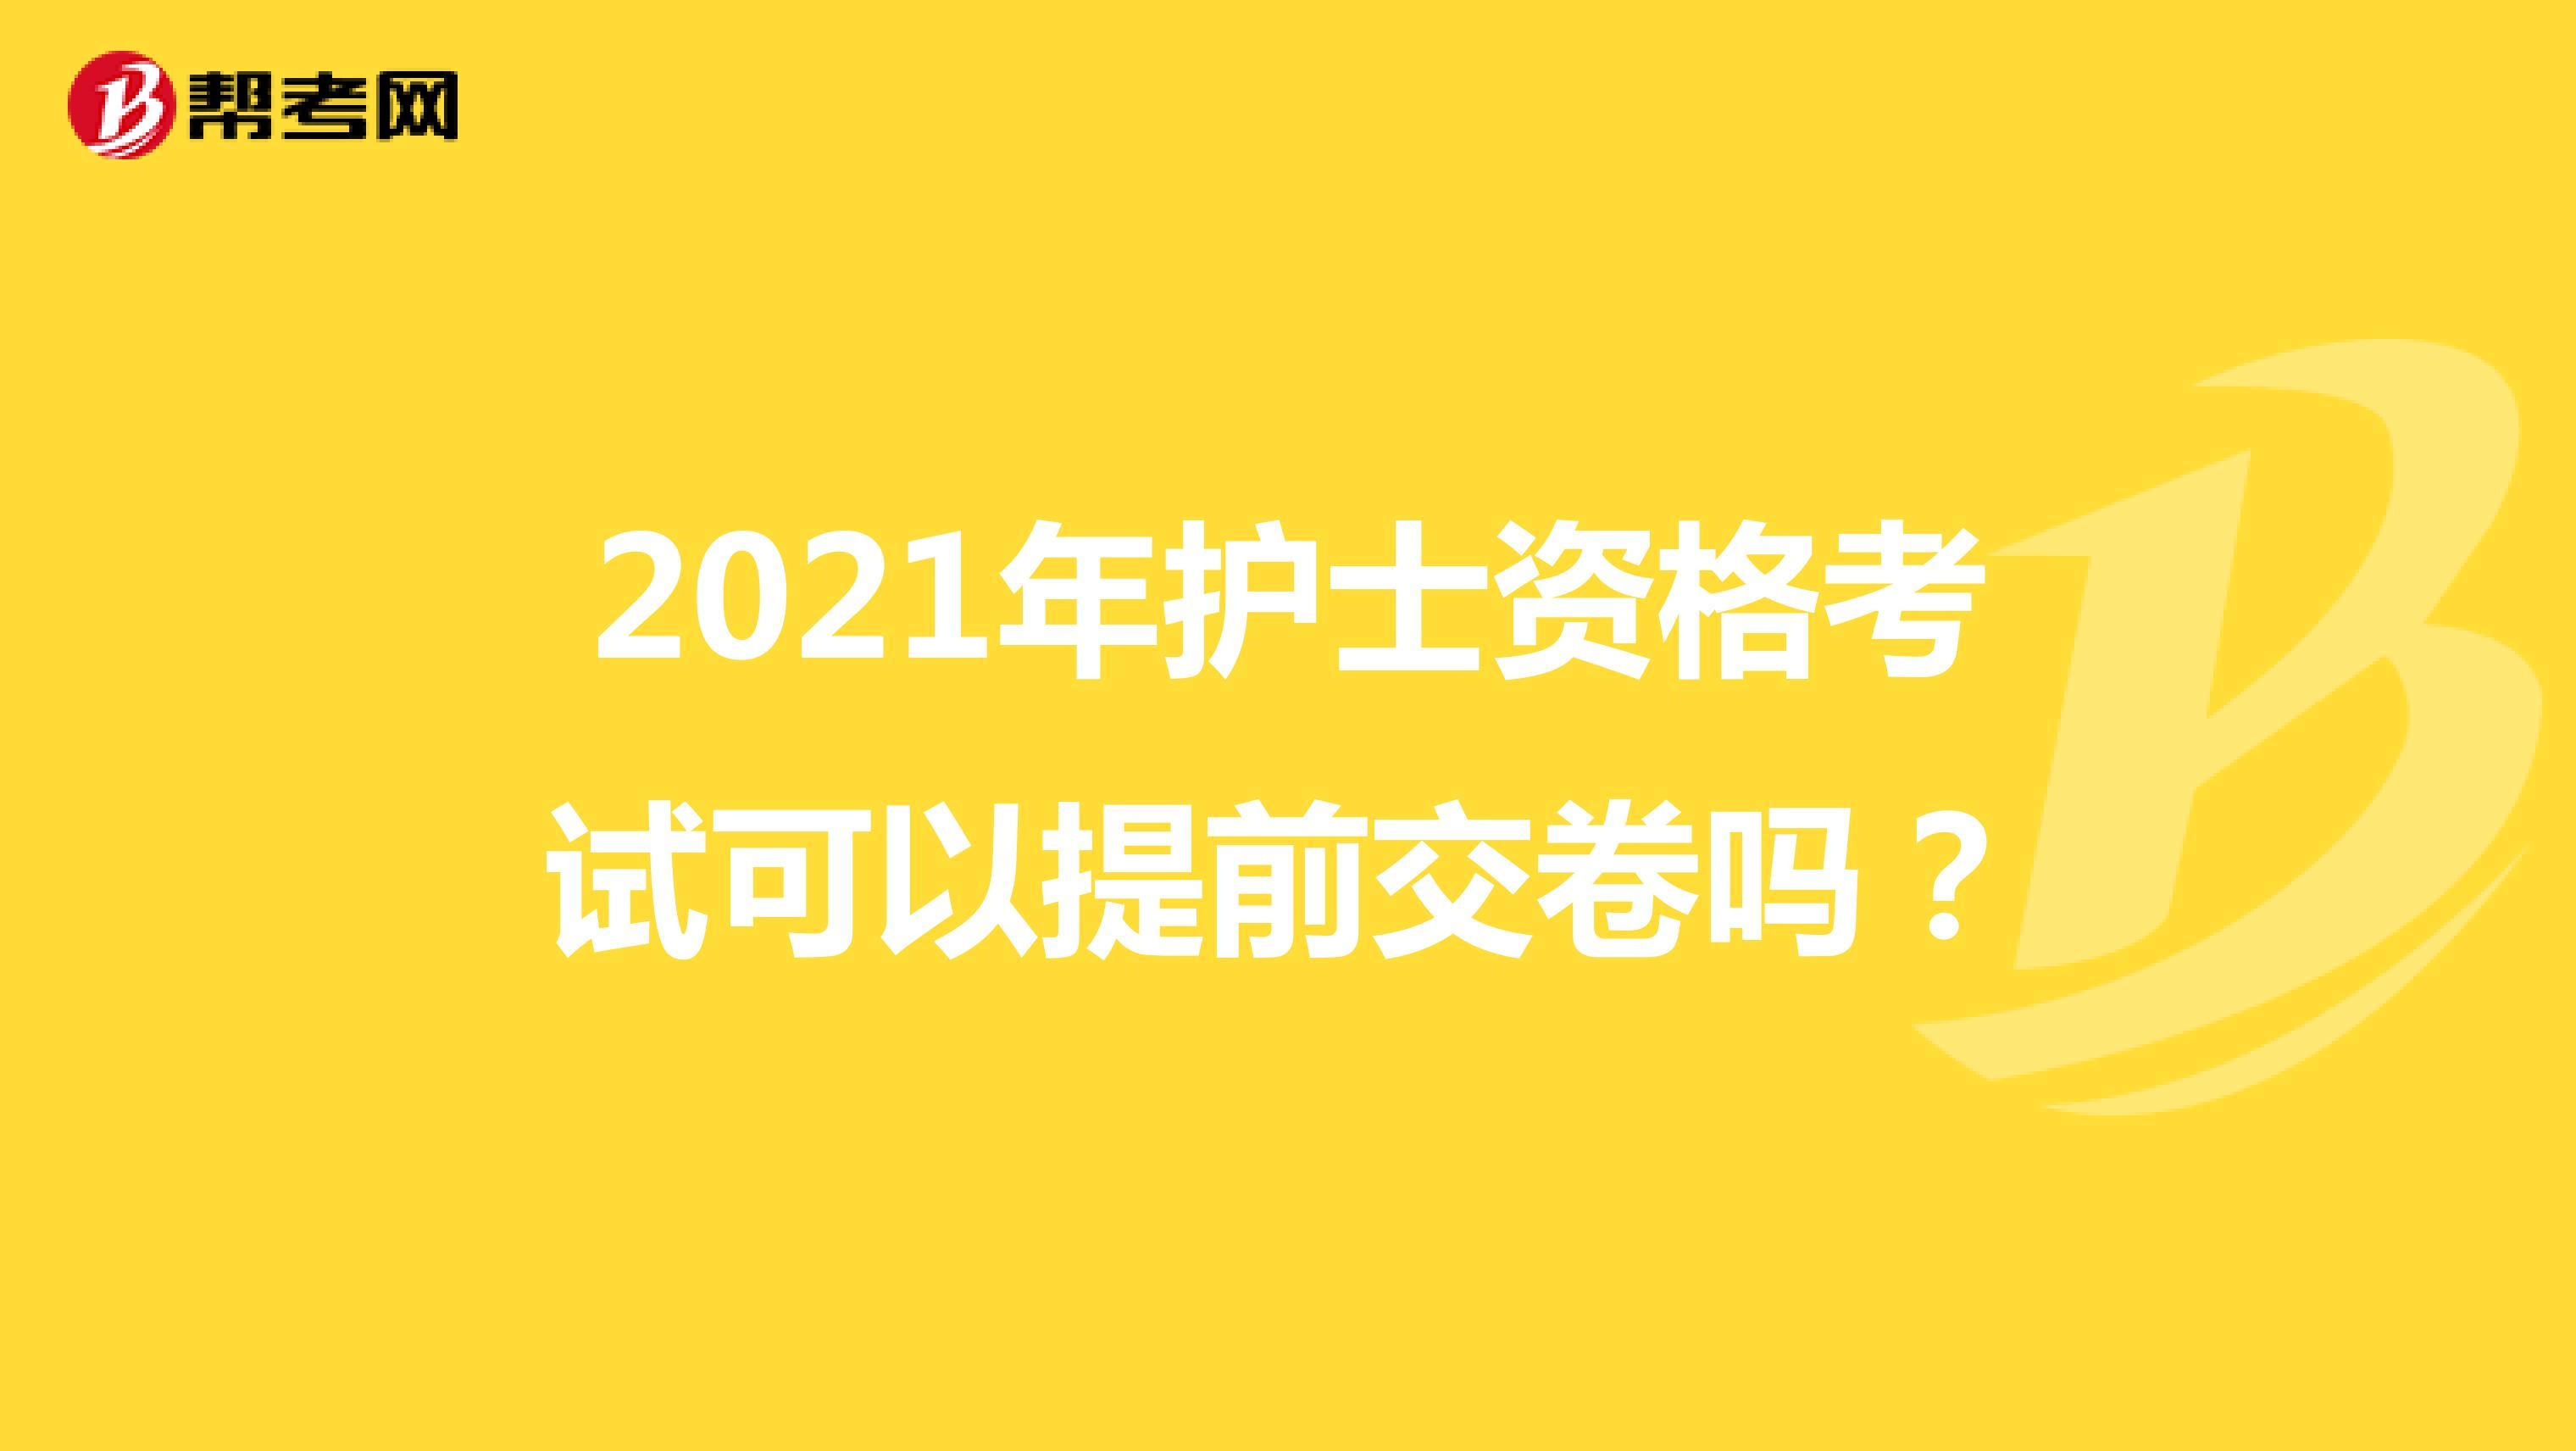 2021年护士资格考试可以提前交卷吗?